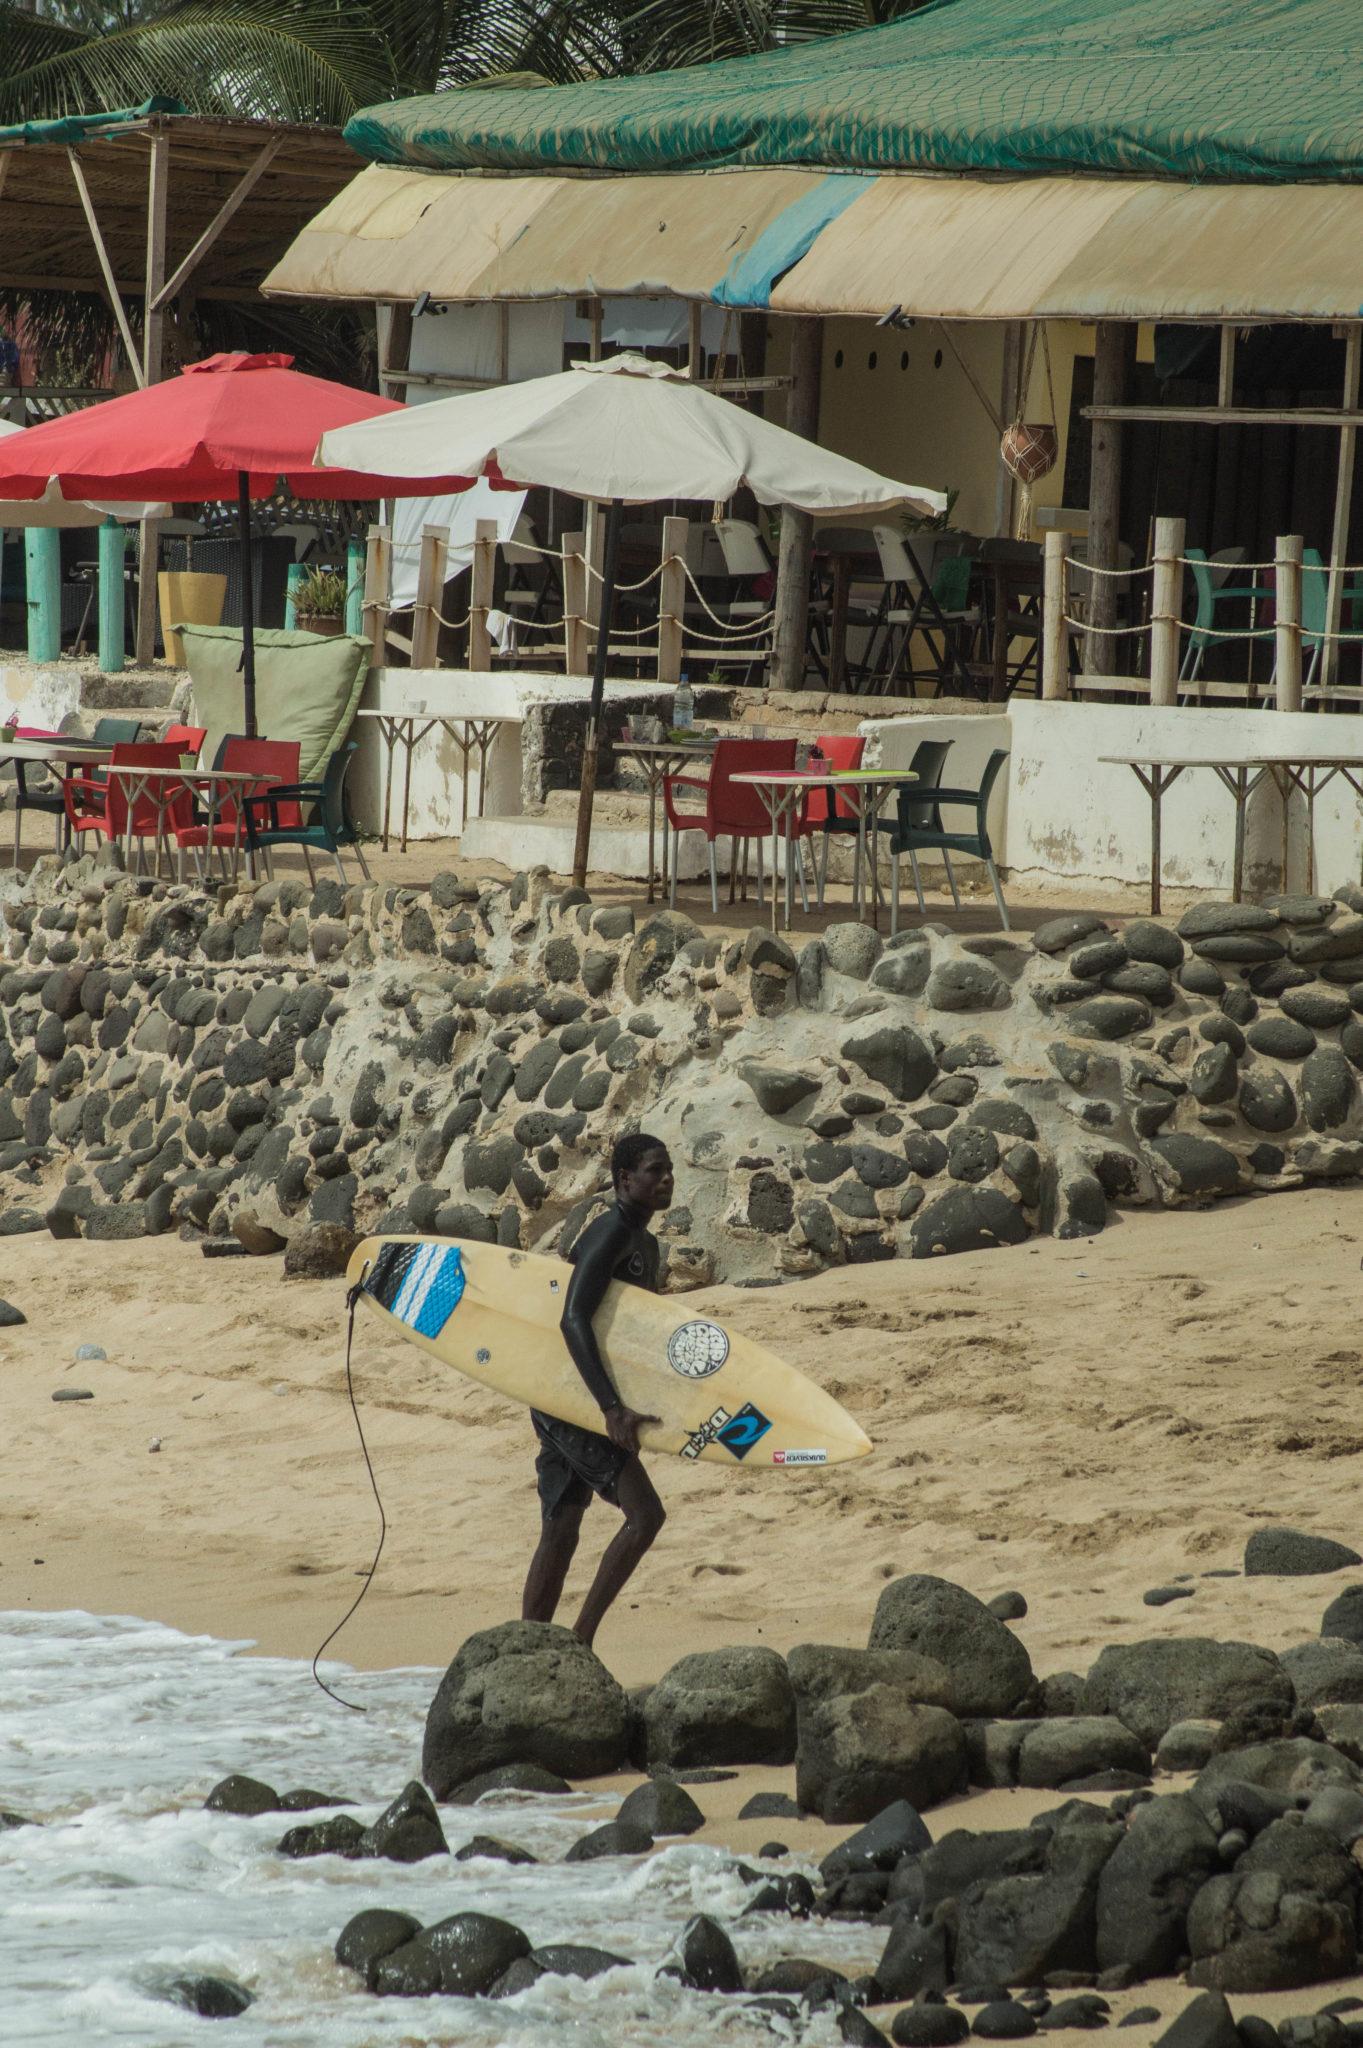 Surf Senegal: Surfen in Les Almadies in Dakar ist einfach, da es sich um Wellen handelt, die nicht weit vom Strand entfernt brechen.